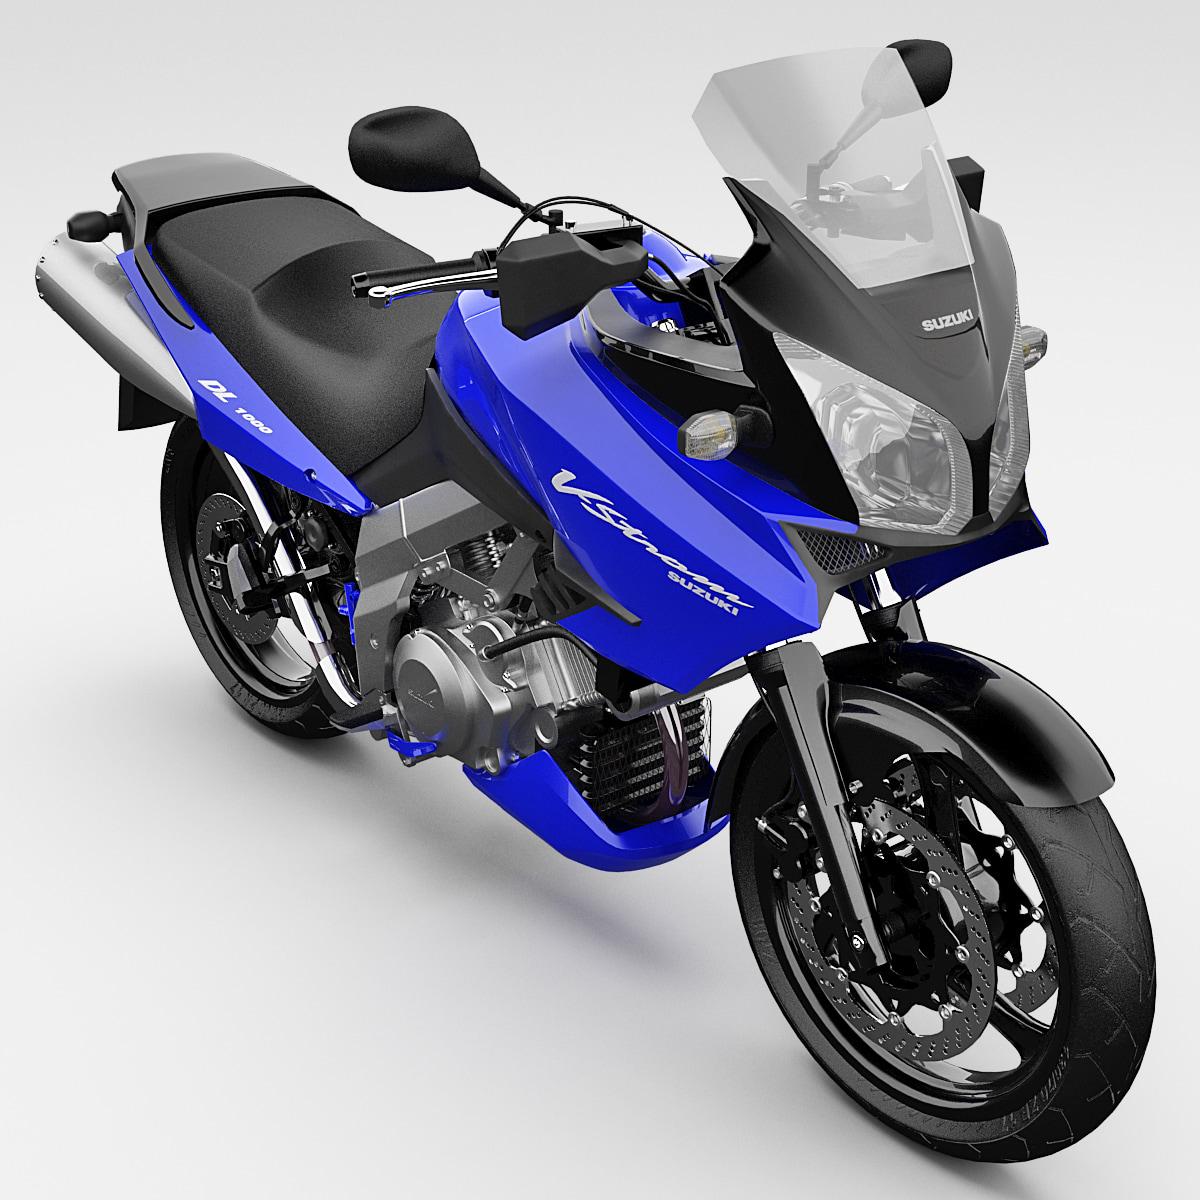 Suzuki_Dl1000_V_Strom_0000.jpg